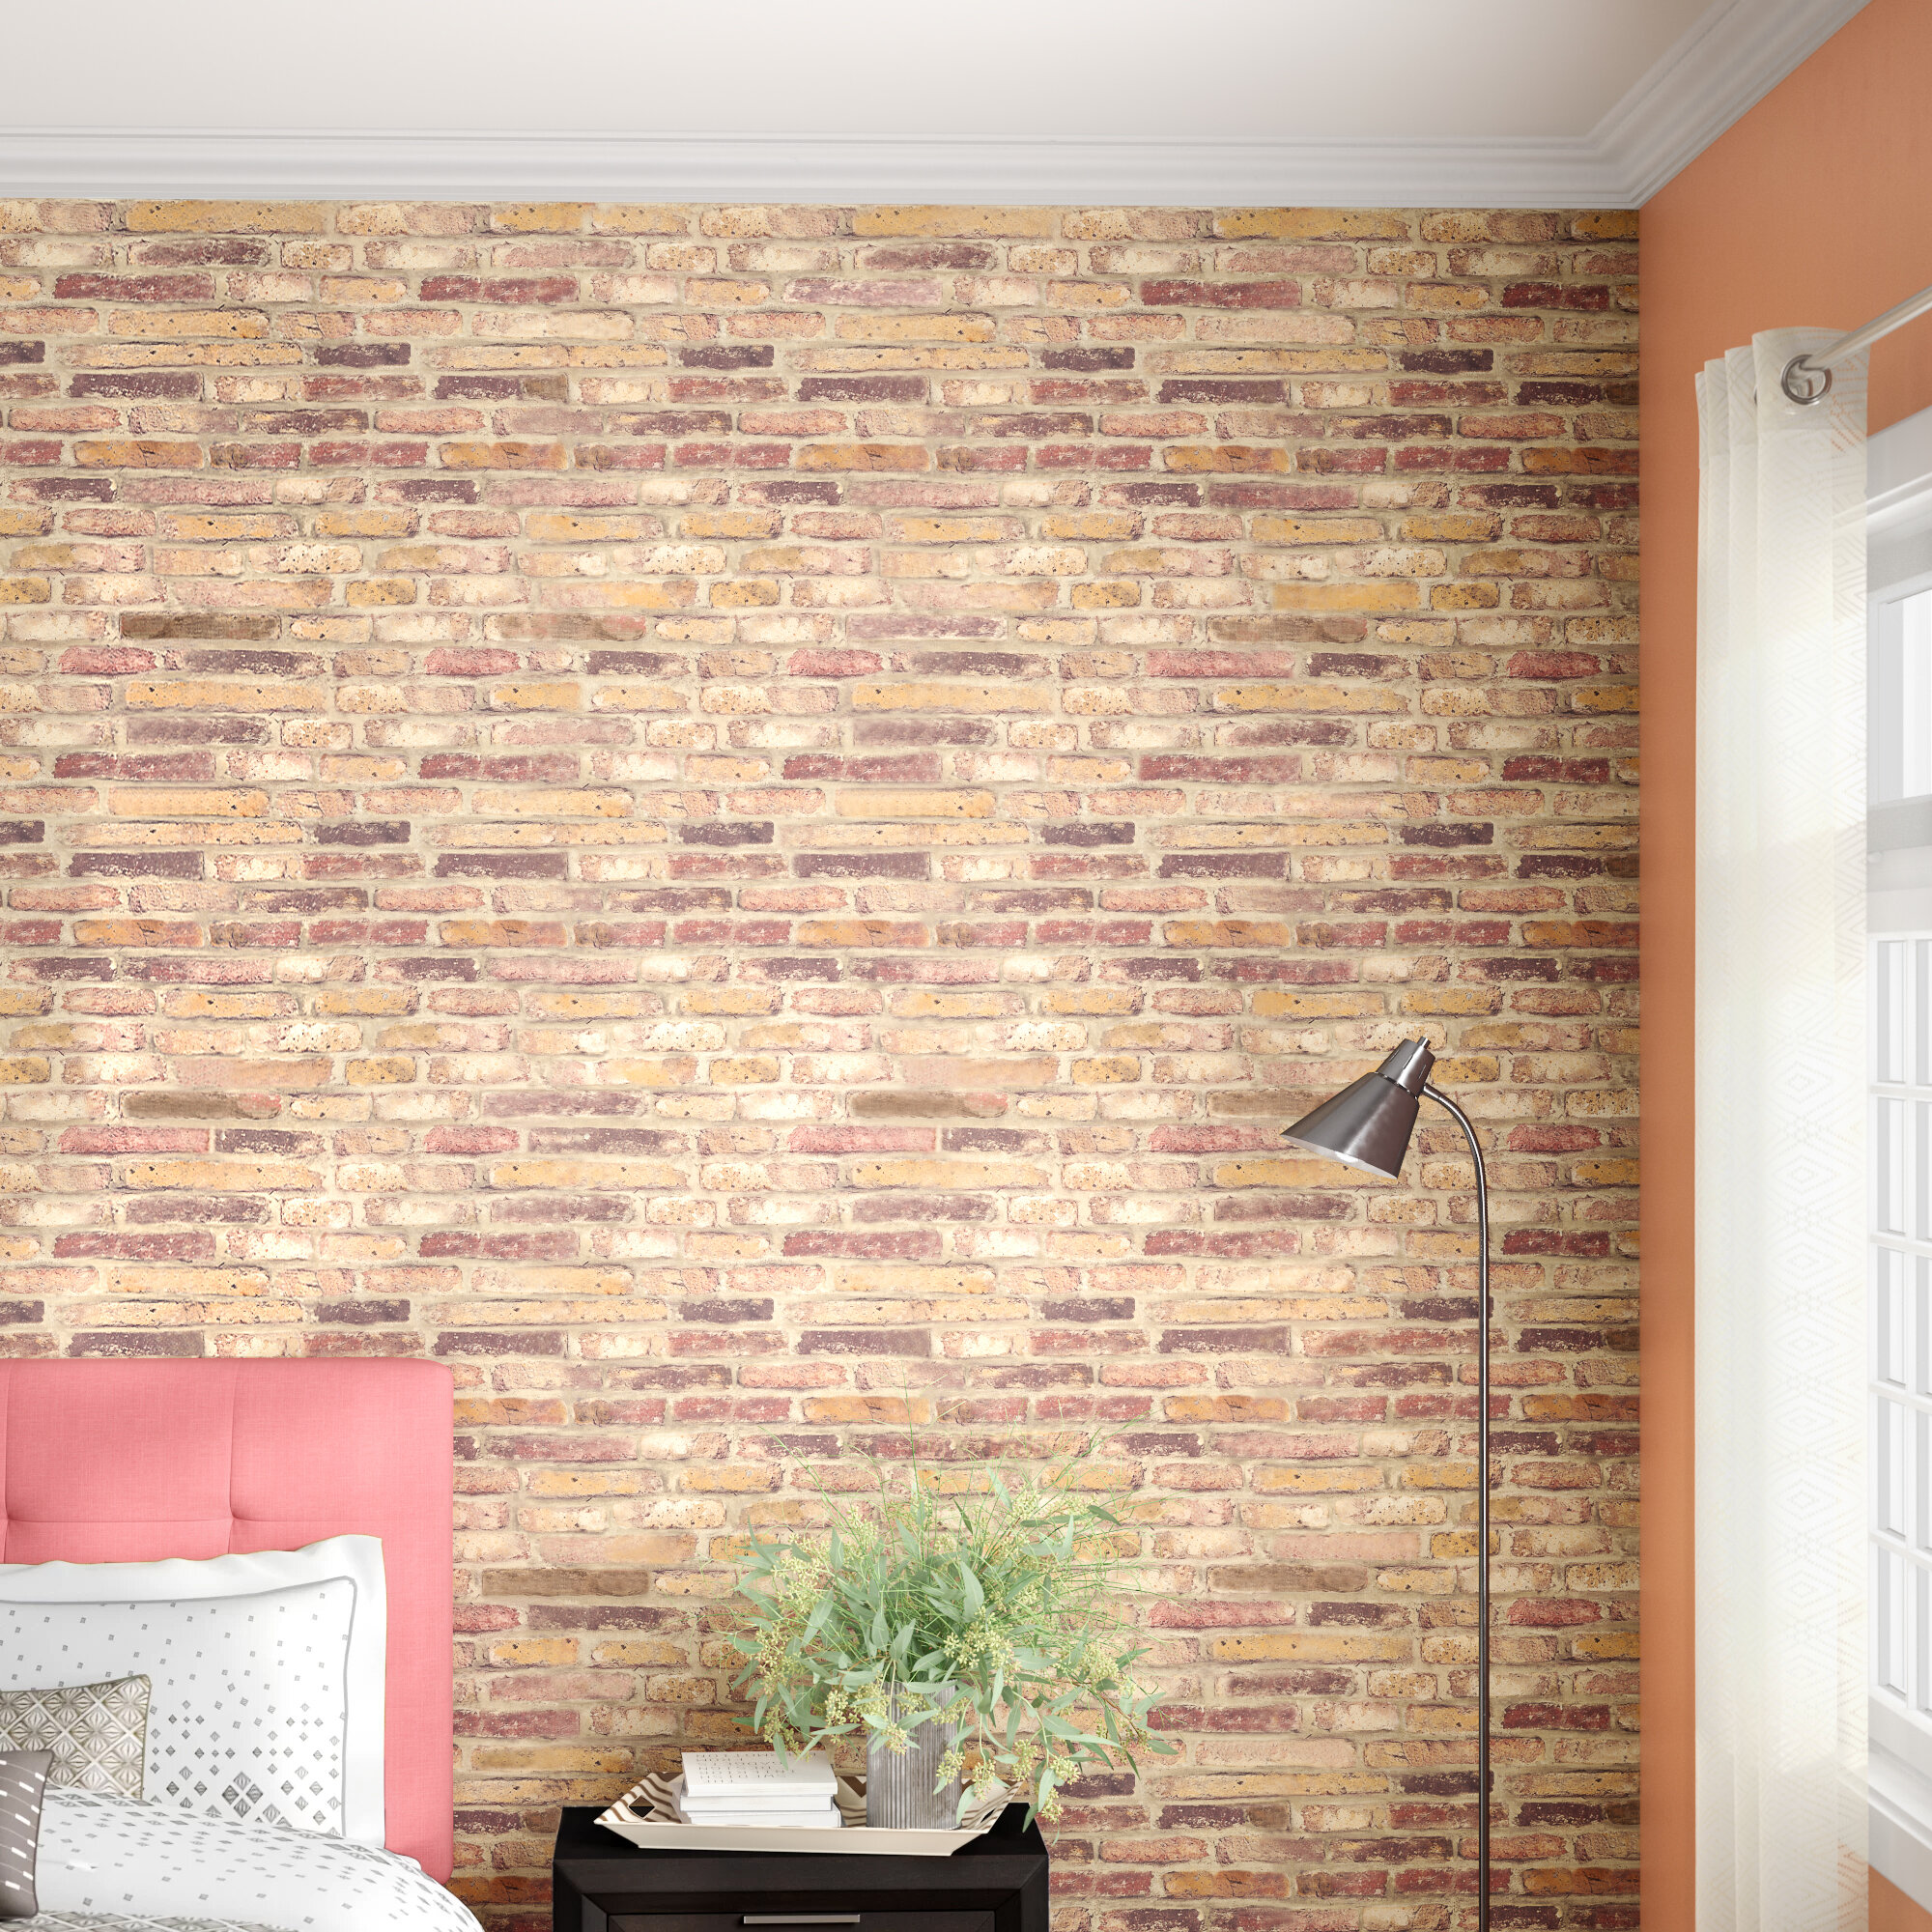 Ebern Designs Tatum 18 L X 20 5 W Peel And Stick Wallpaper Roll Reviews Wayfair